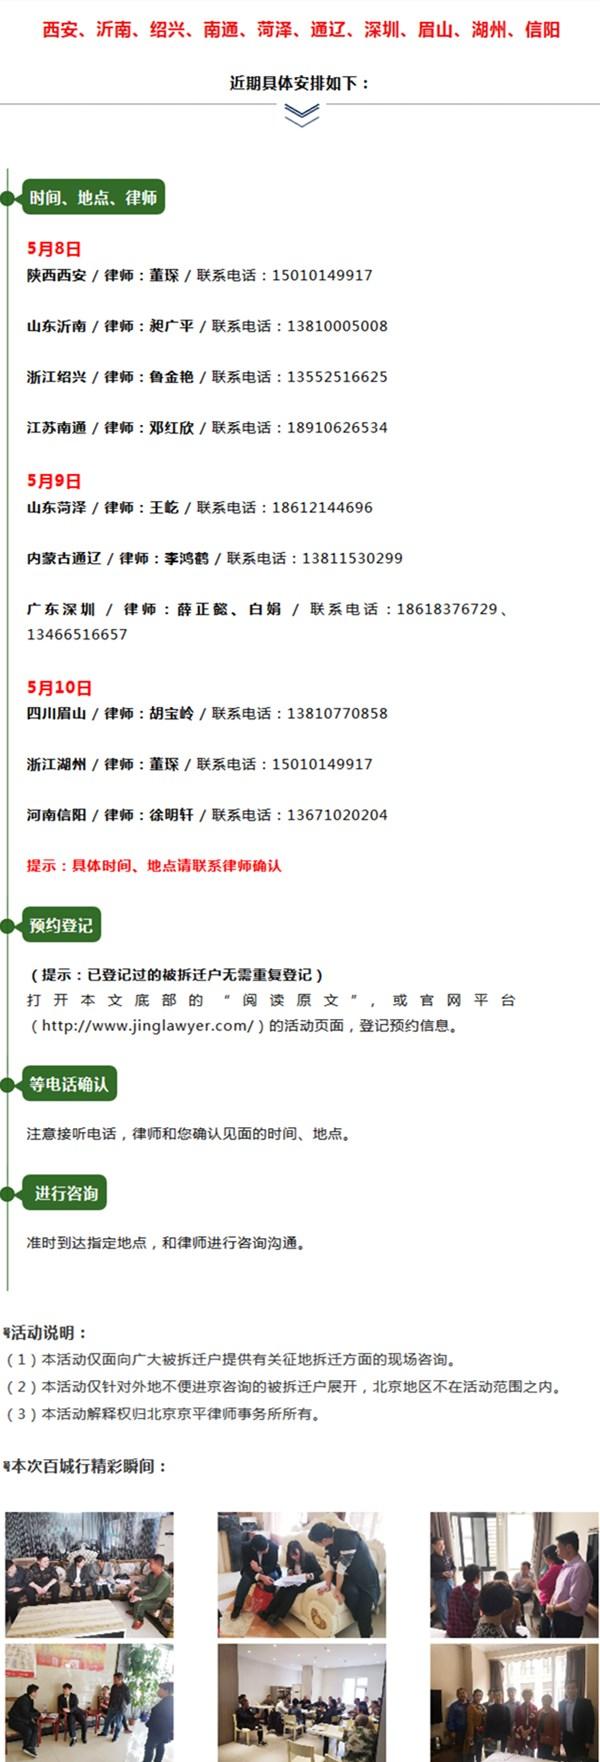 和京平律师面对面交流沟通?5月8-10日百城行站点确定